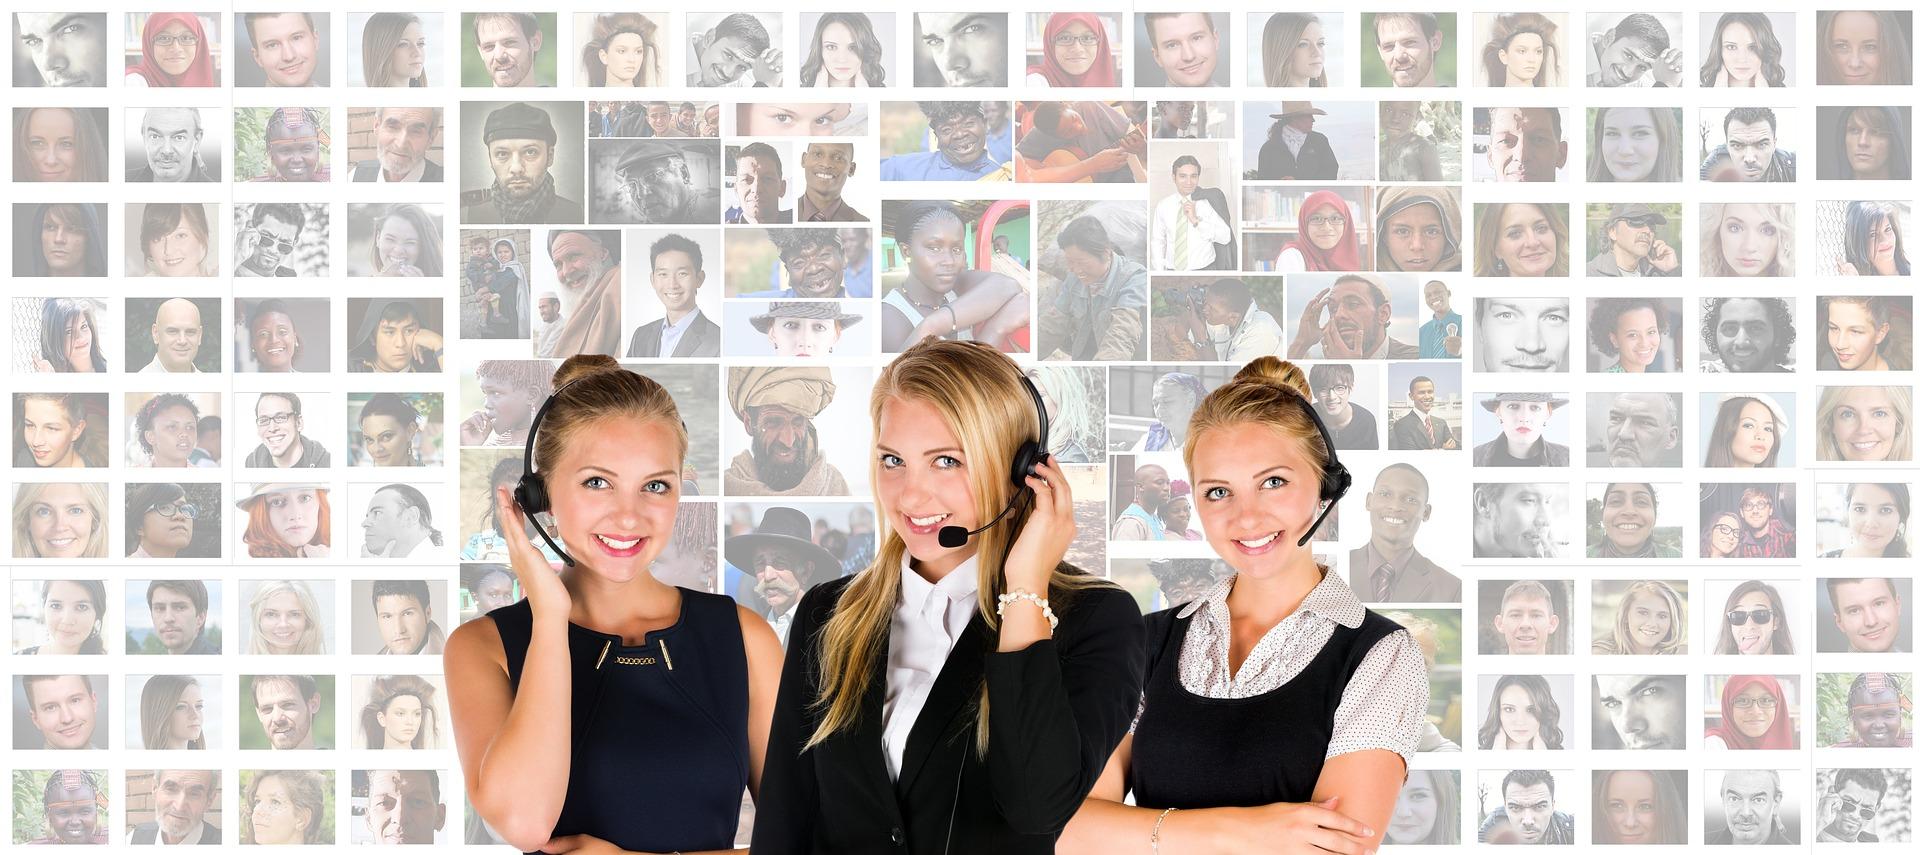 לעסקים: שירותים חיצוניים במיוחד שלא הכרתם